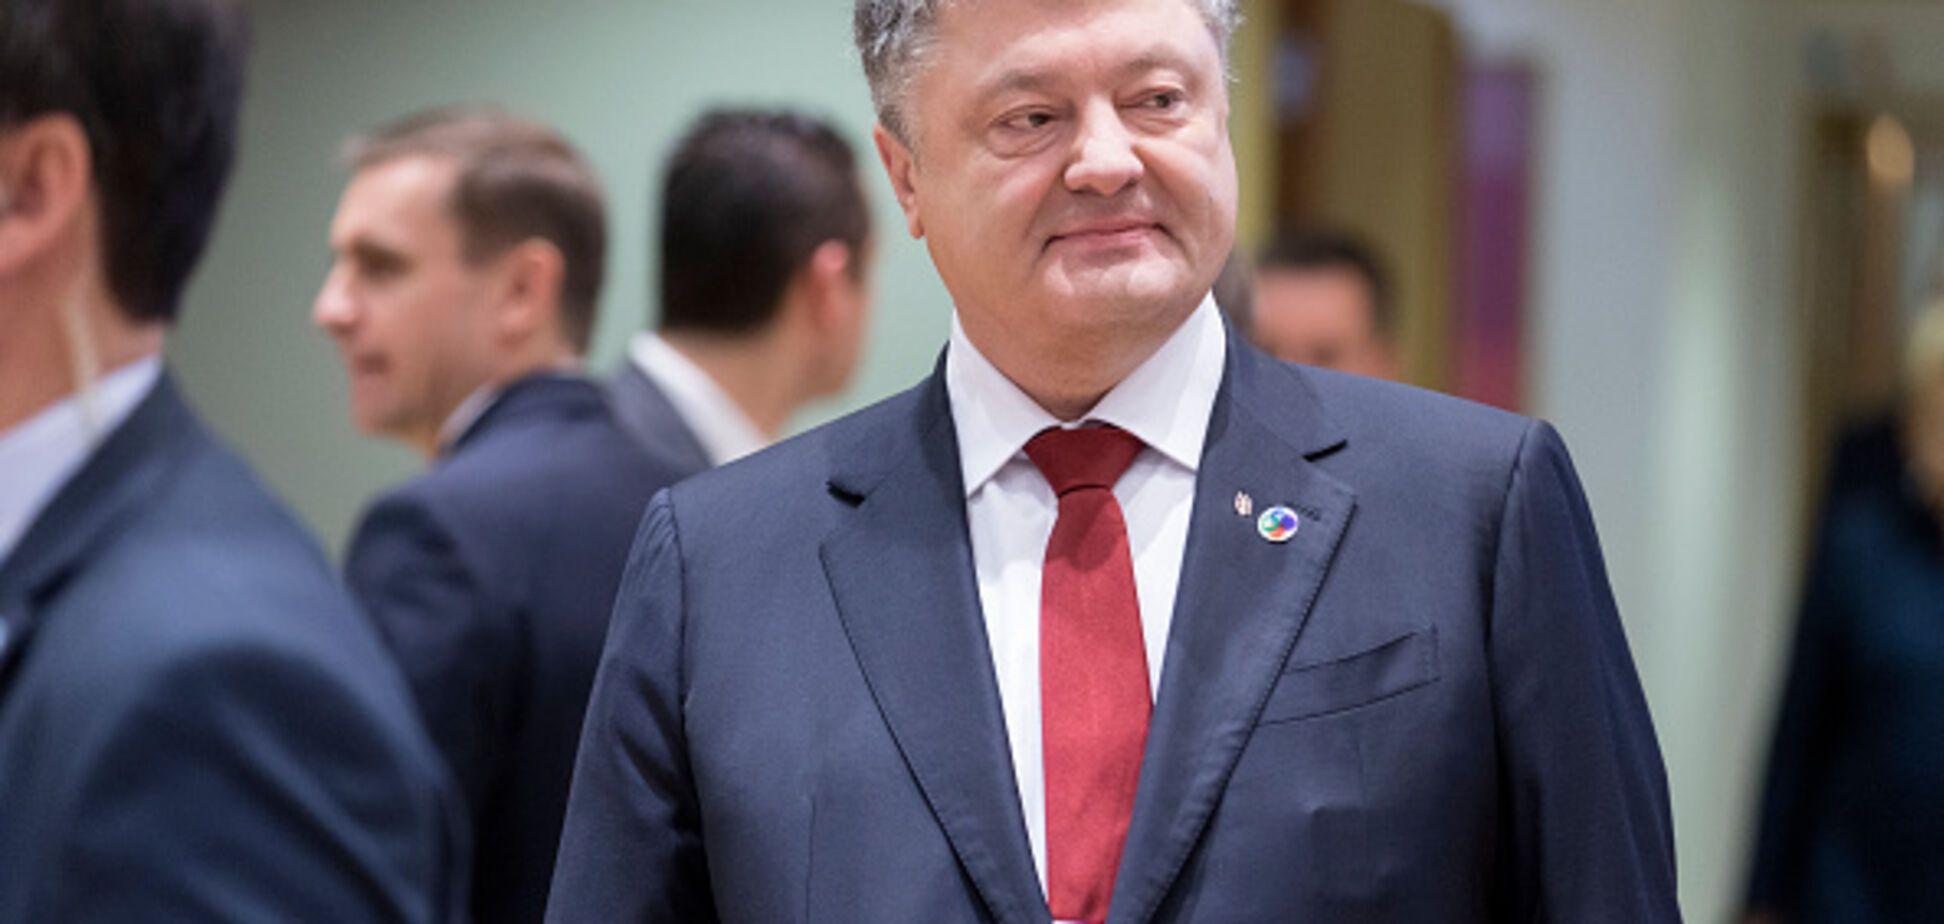 Впечатляющий коэффициент: Порошенко рассказал, сколько приносит ГПУ бюджету